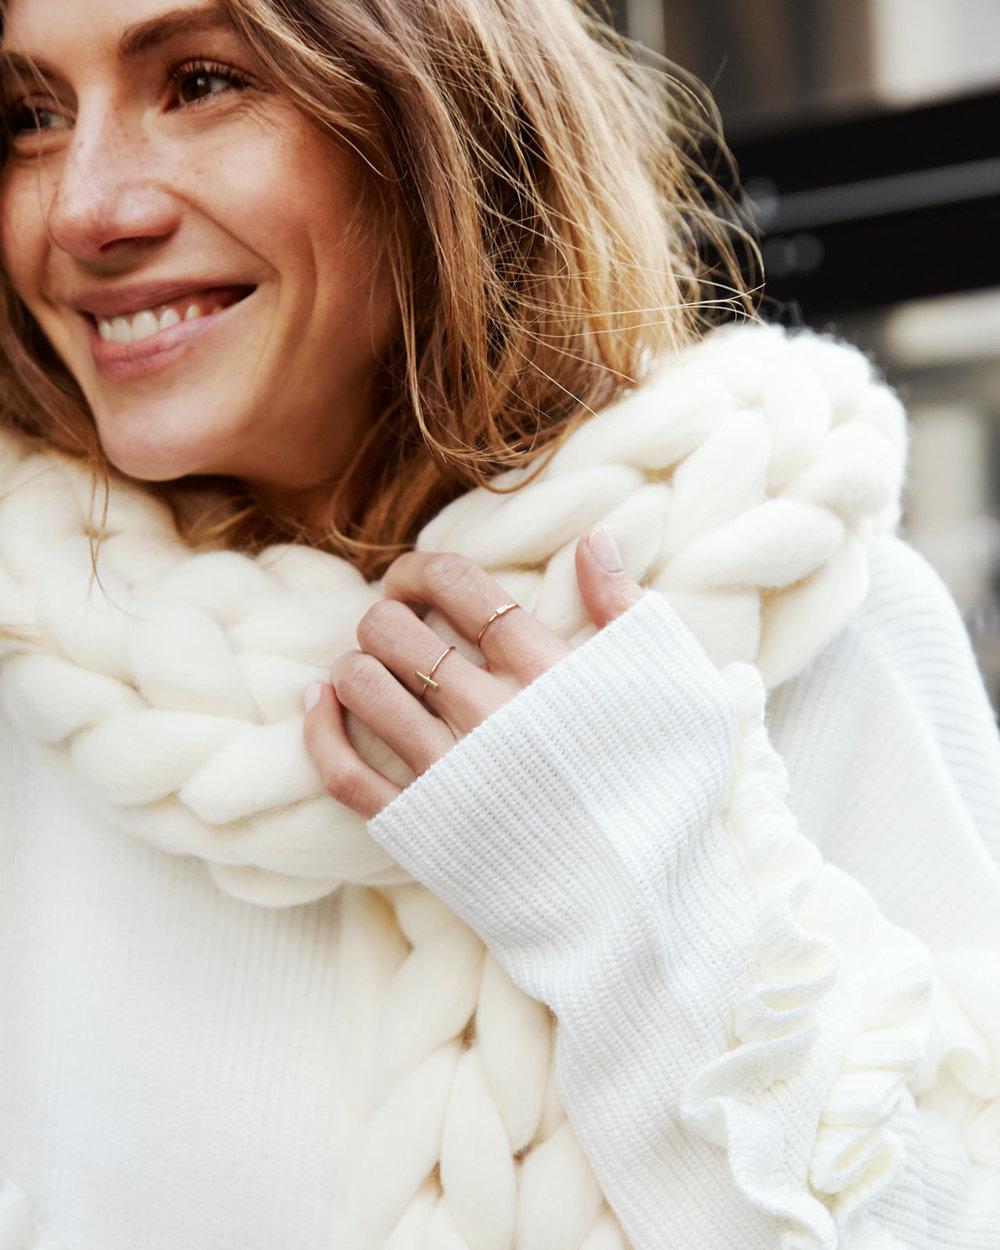 Jelena Cikoja for Shopbop